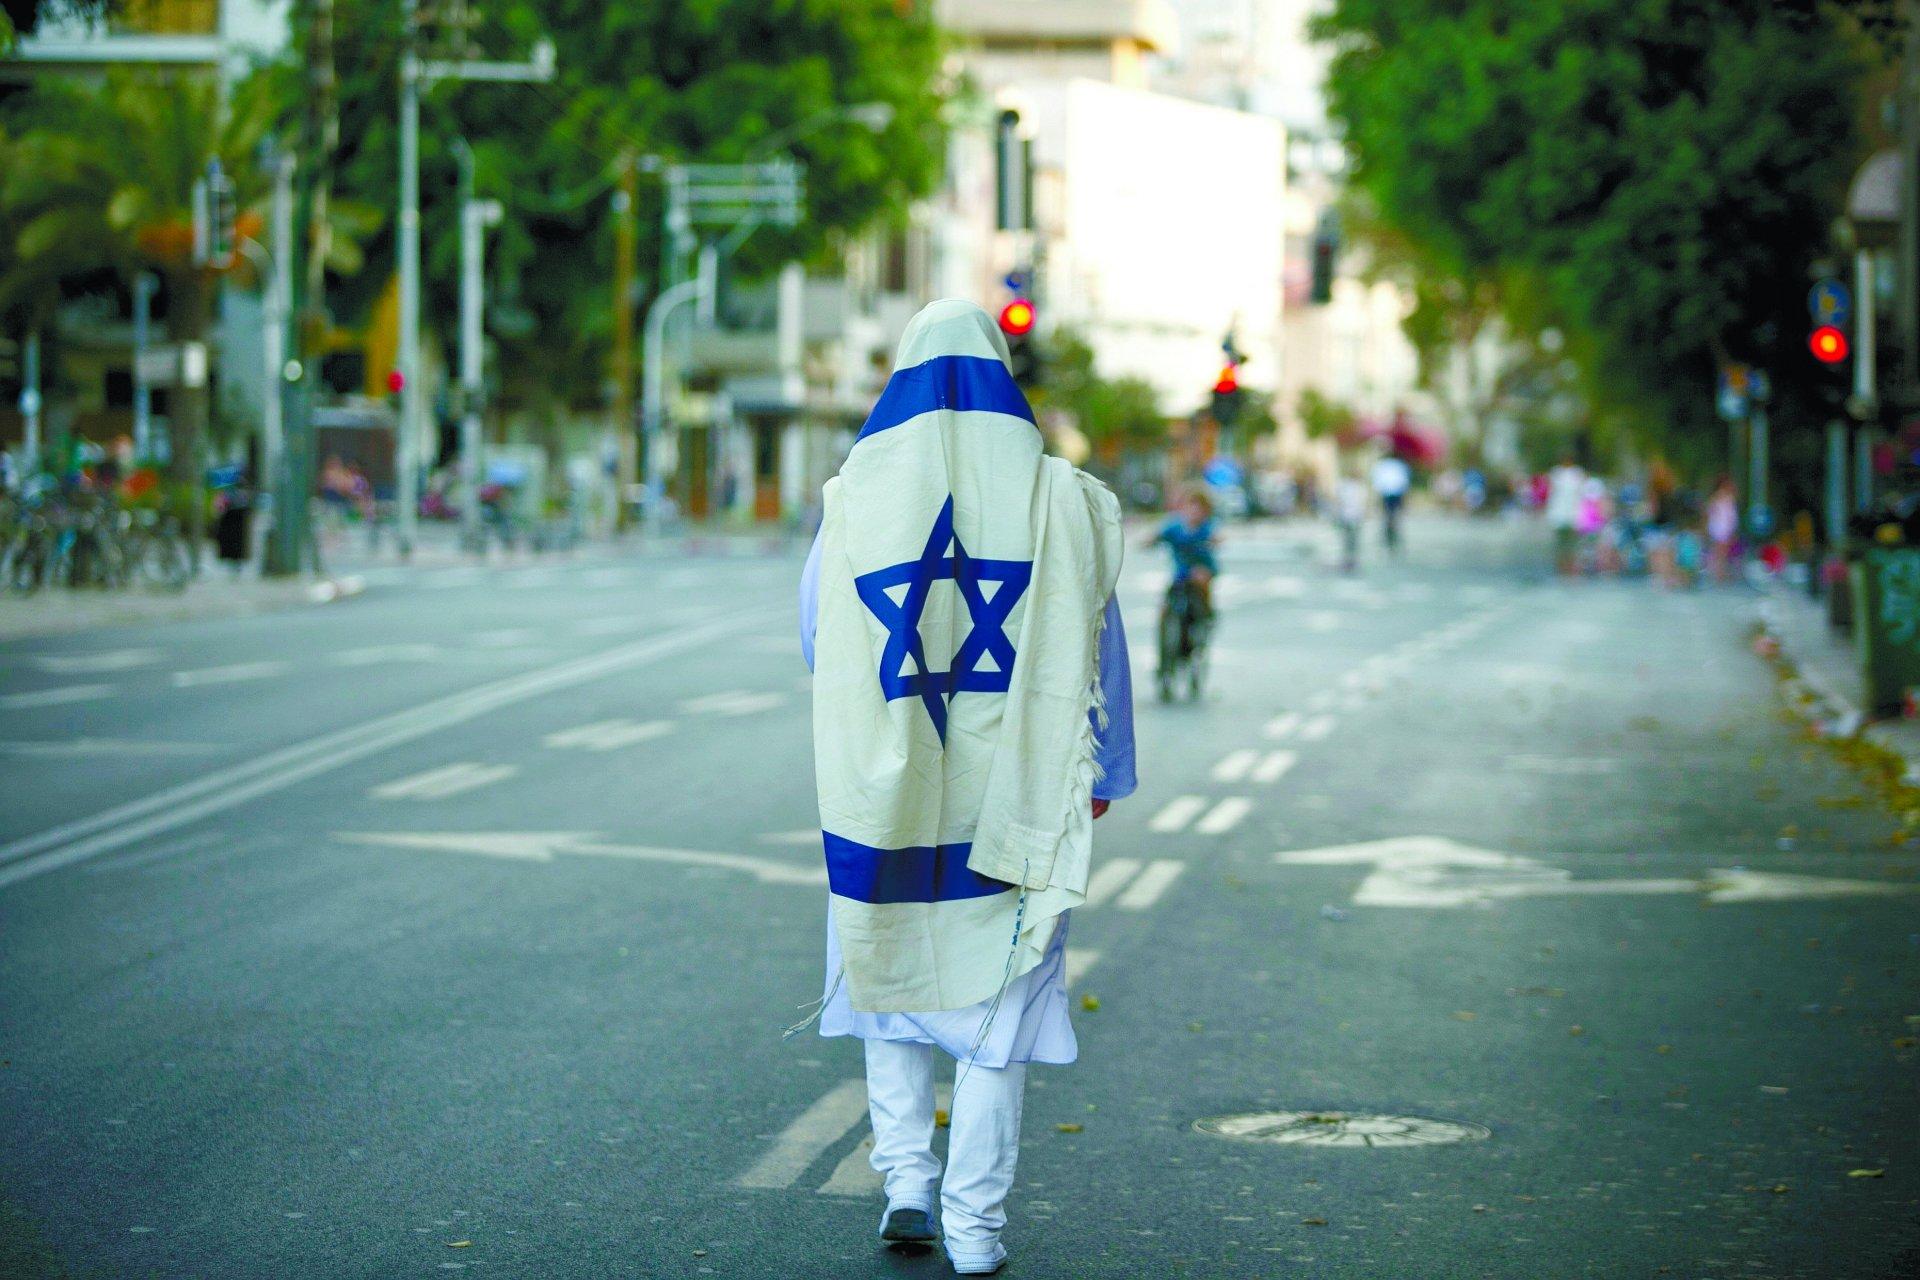 יום כיפור: אחד עם טלית בדרך לבית הכנסת ואחרים על אופניים. צילום: עופר וקנין